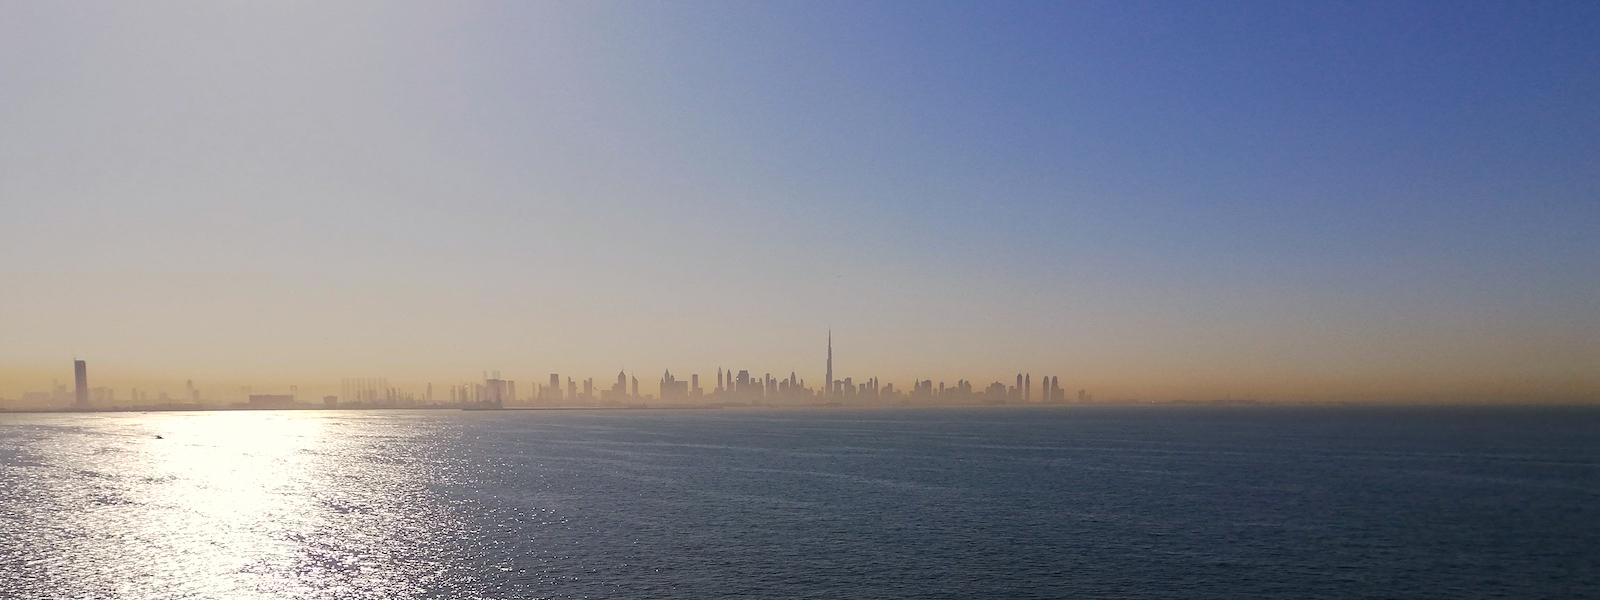 Die Skyline von Dubai am Horizont